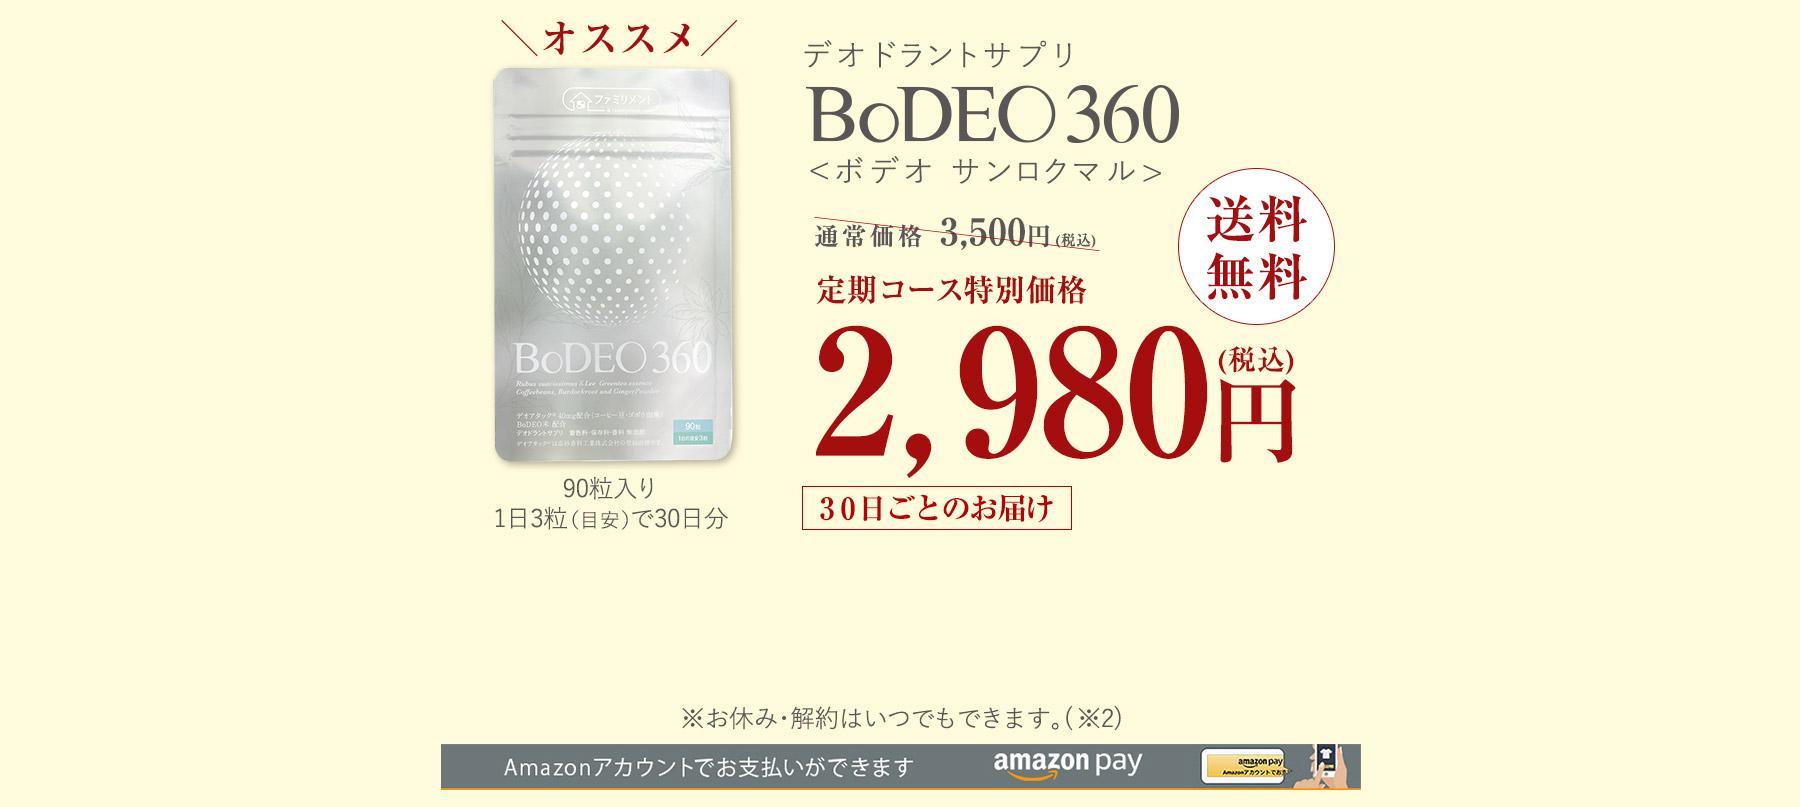 定期コース特別価格 2,980円